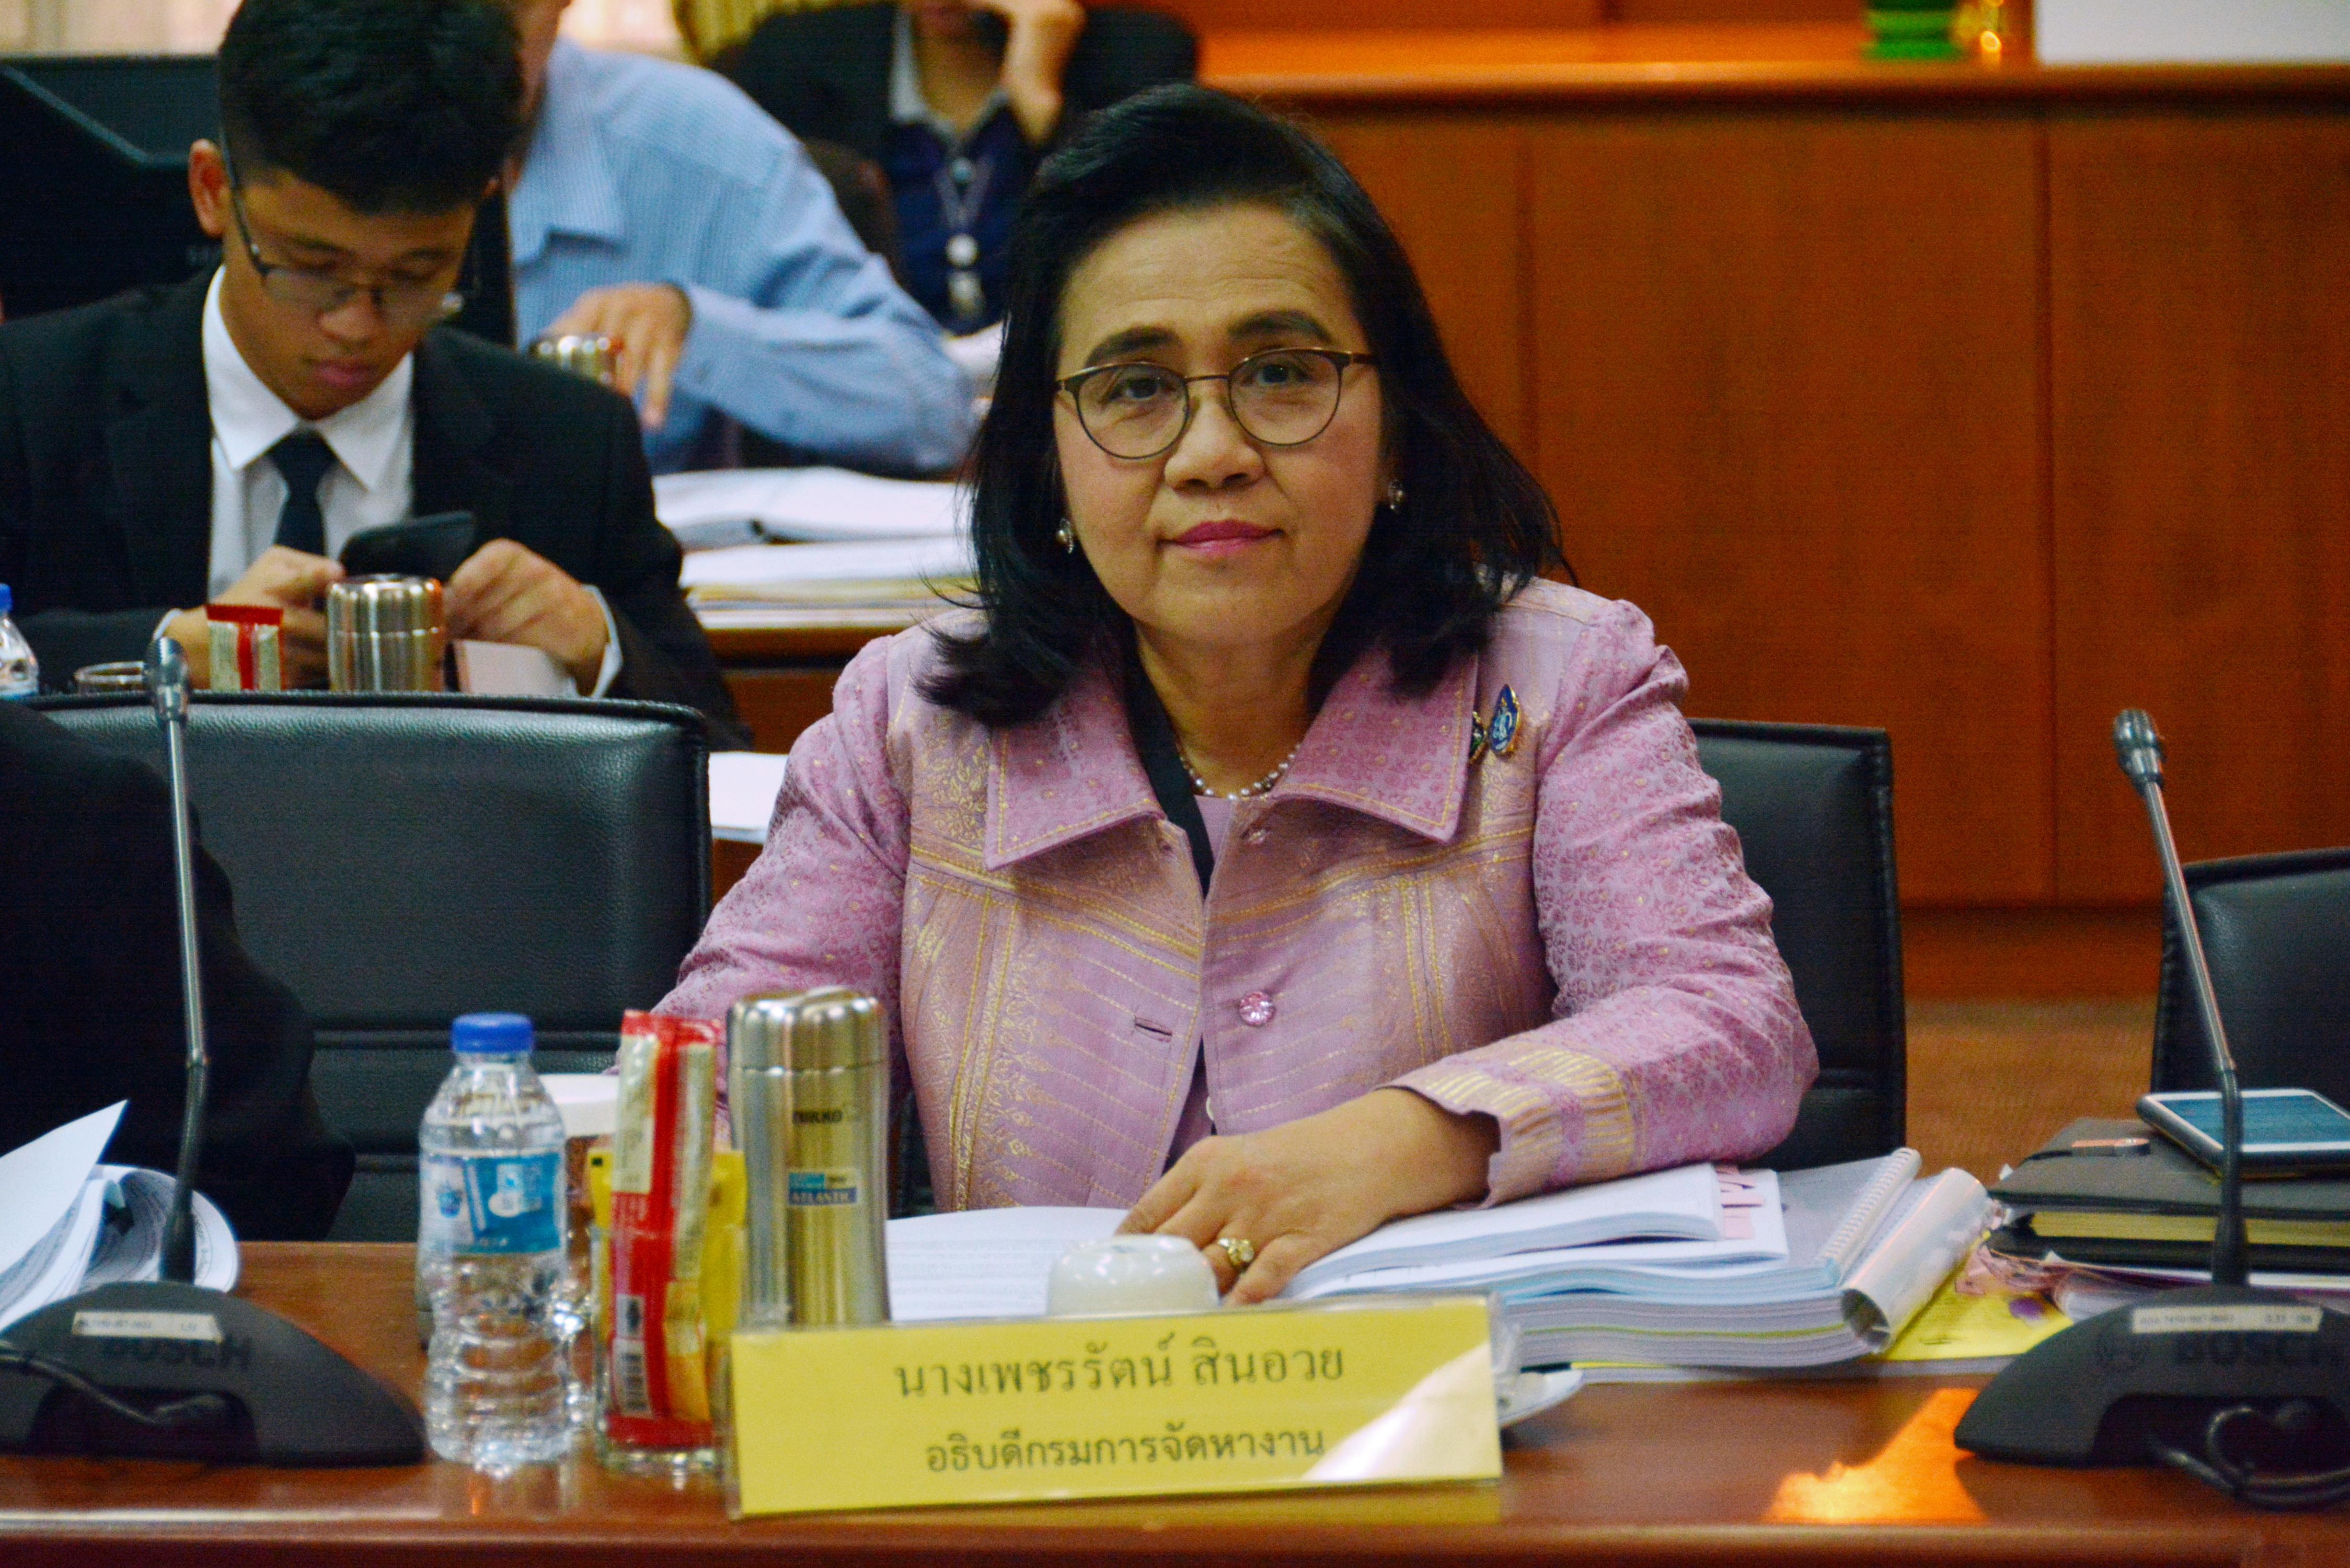 การประชุมคณะกรรมการพิจารณาการดำเนินงานขององค์การเอกชนต่างประเทศ ครั้งที่ 4/2562